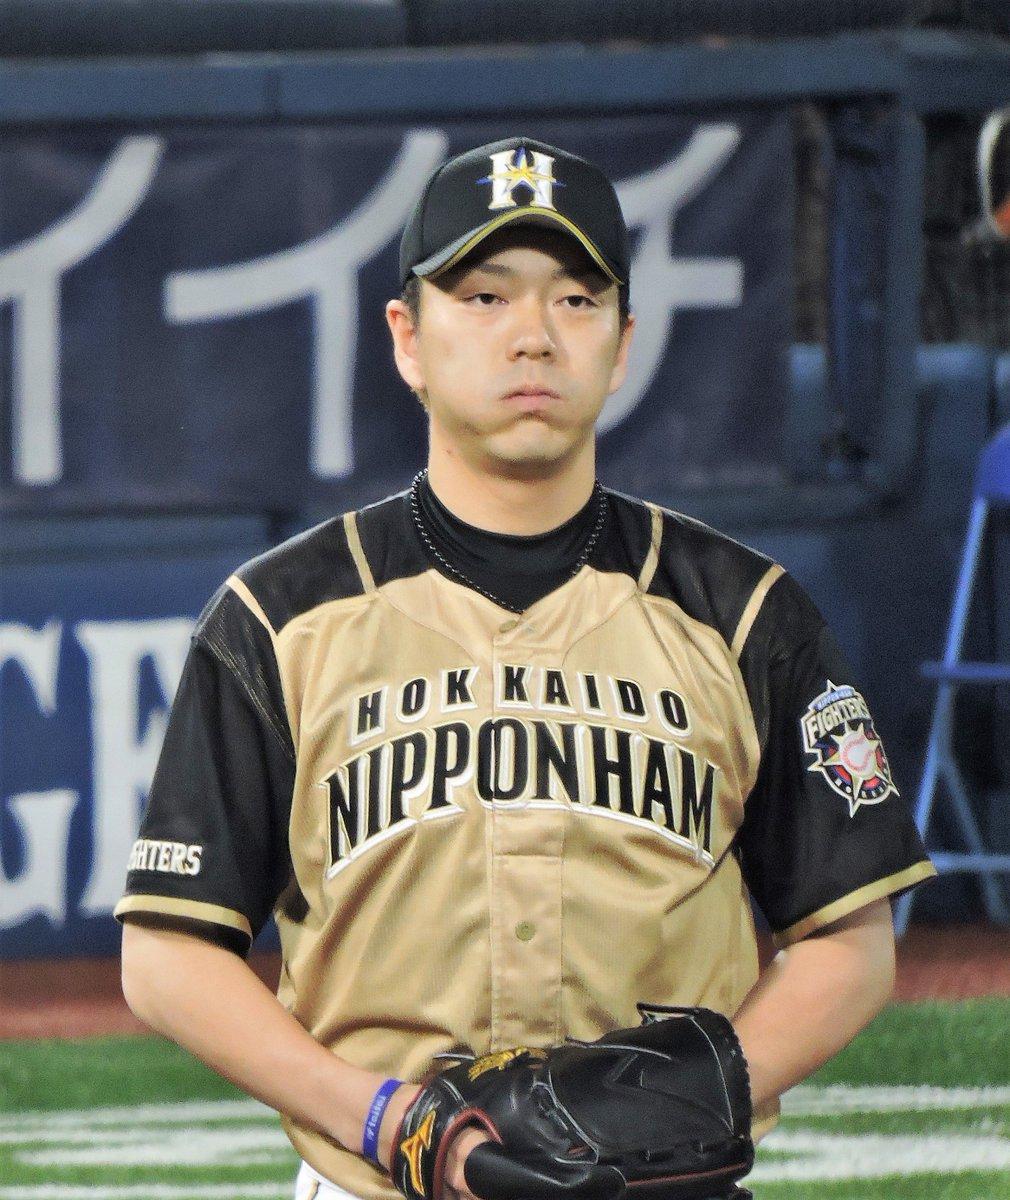 test ツイッターメディア - 2019年6月20日 横浜スタジアム 宮西尚生 その2  みゃーさん制球に苦しみながらもなんだかんだ抑えてしまうところはさすがでございます。 みゃーさんヤジってたおっさんは命知らずだなw https://t.co/QsKzYrooeu